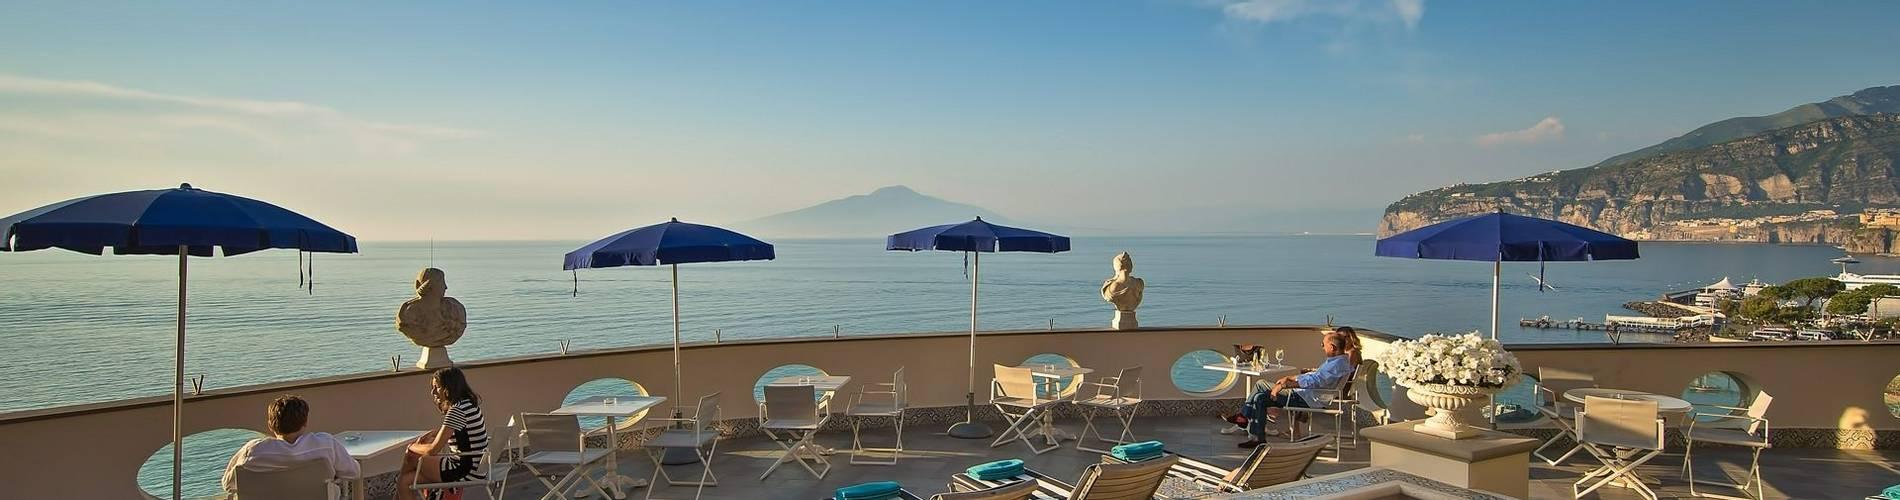 Bellevue Syrene, Sorrento, Italy (37).jpg